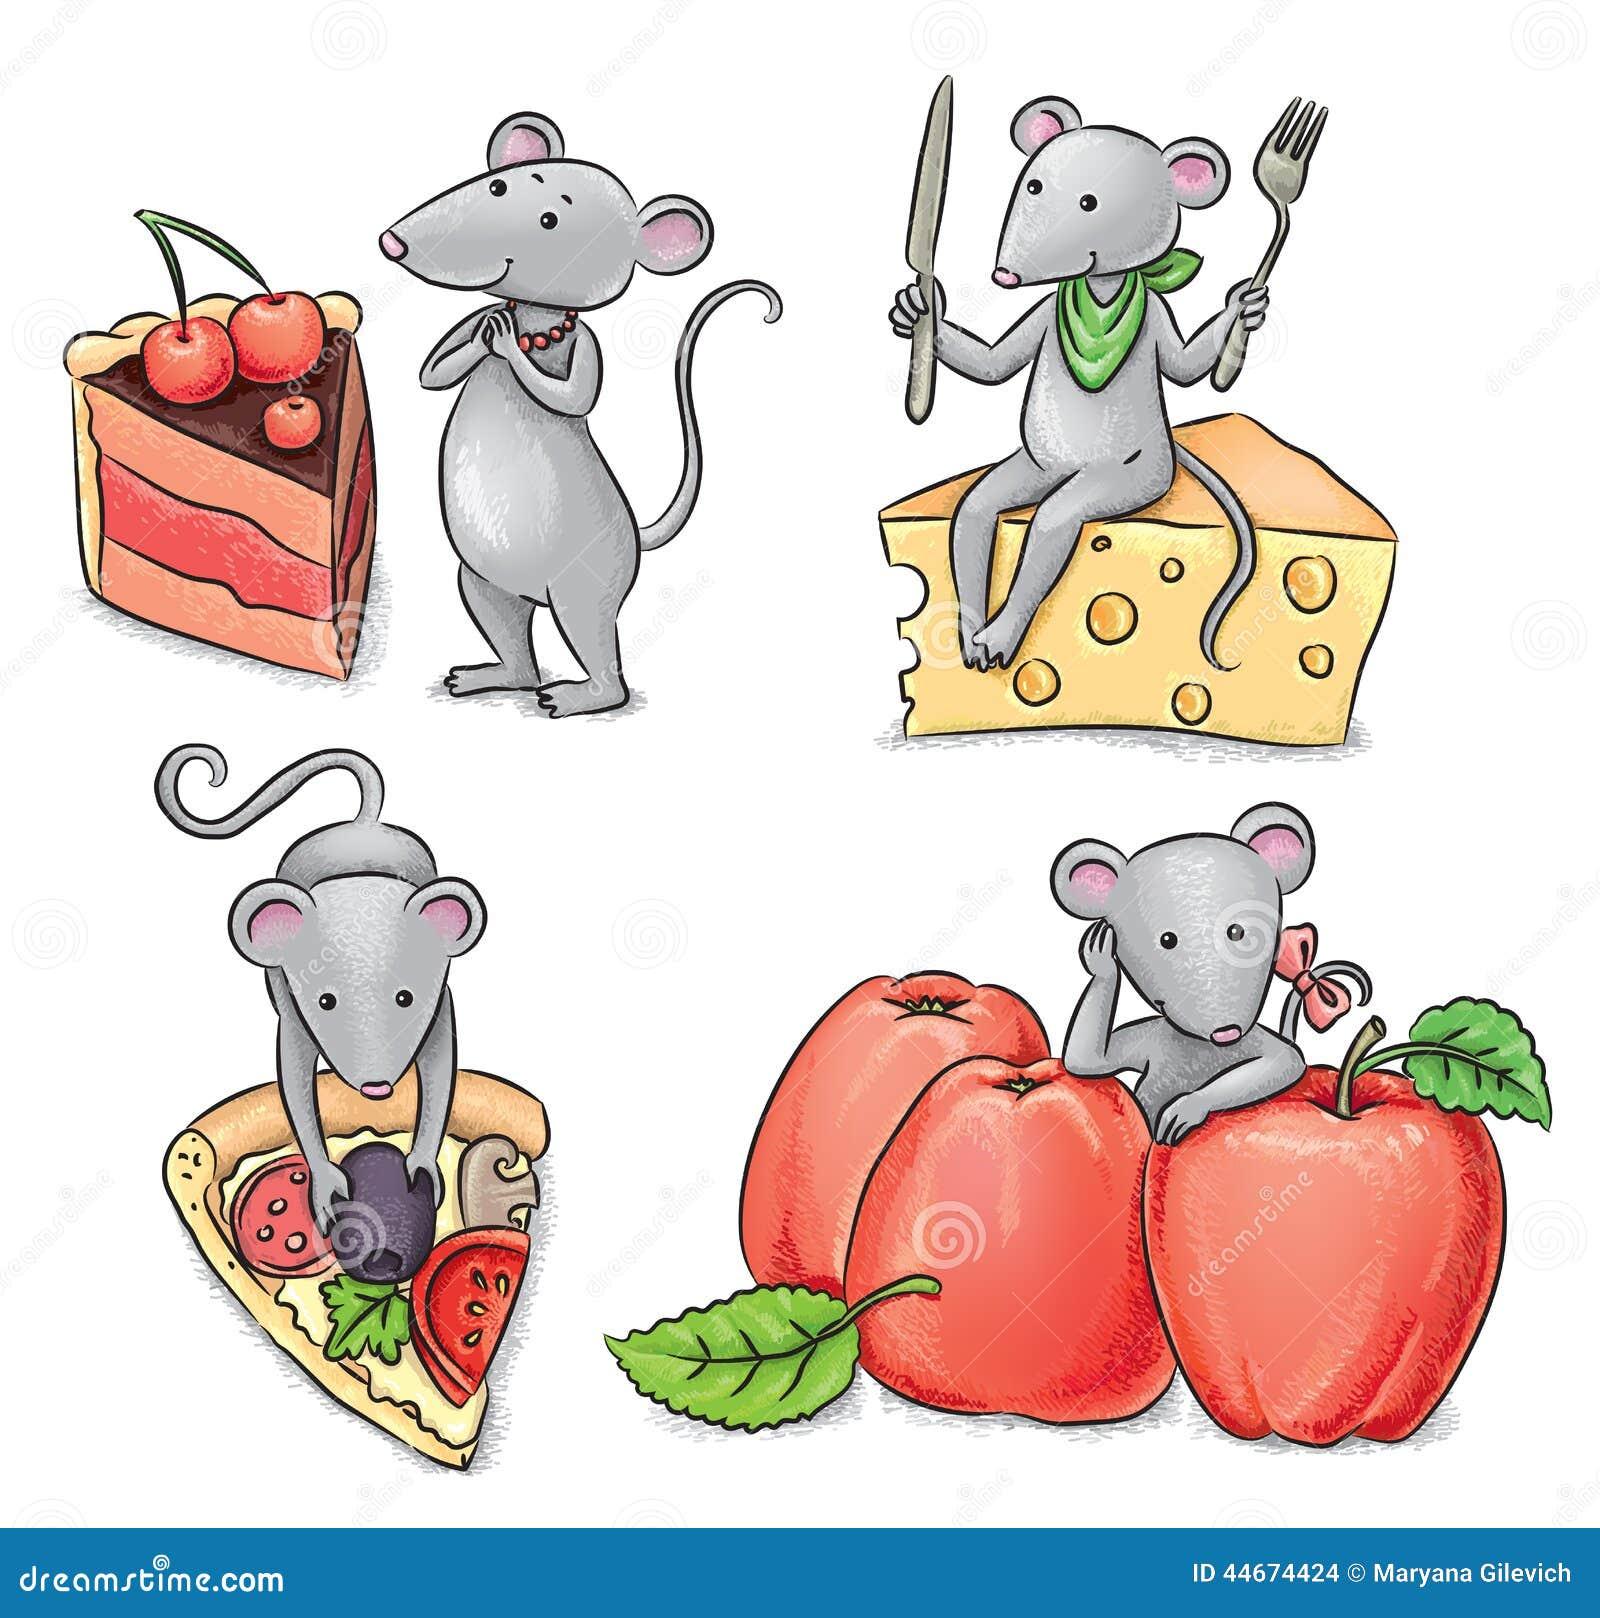 Ratones y comida ilustraci n del vector imagen 44674424 - Comida para ratones ...